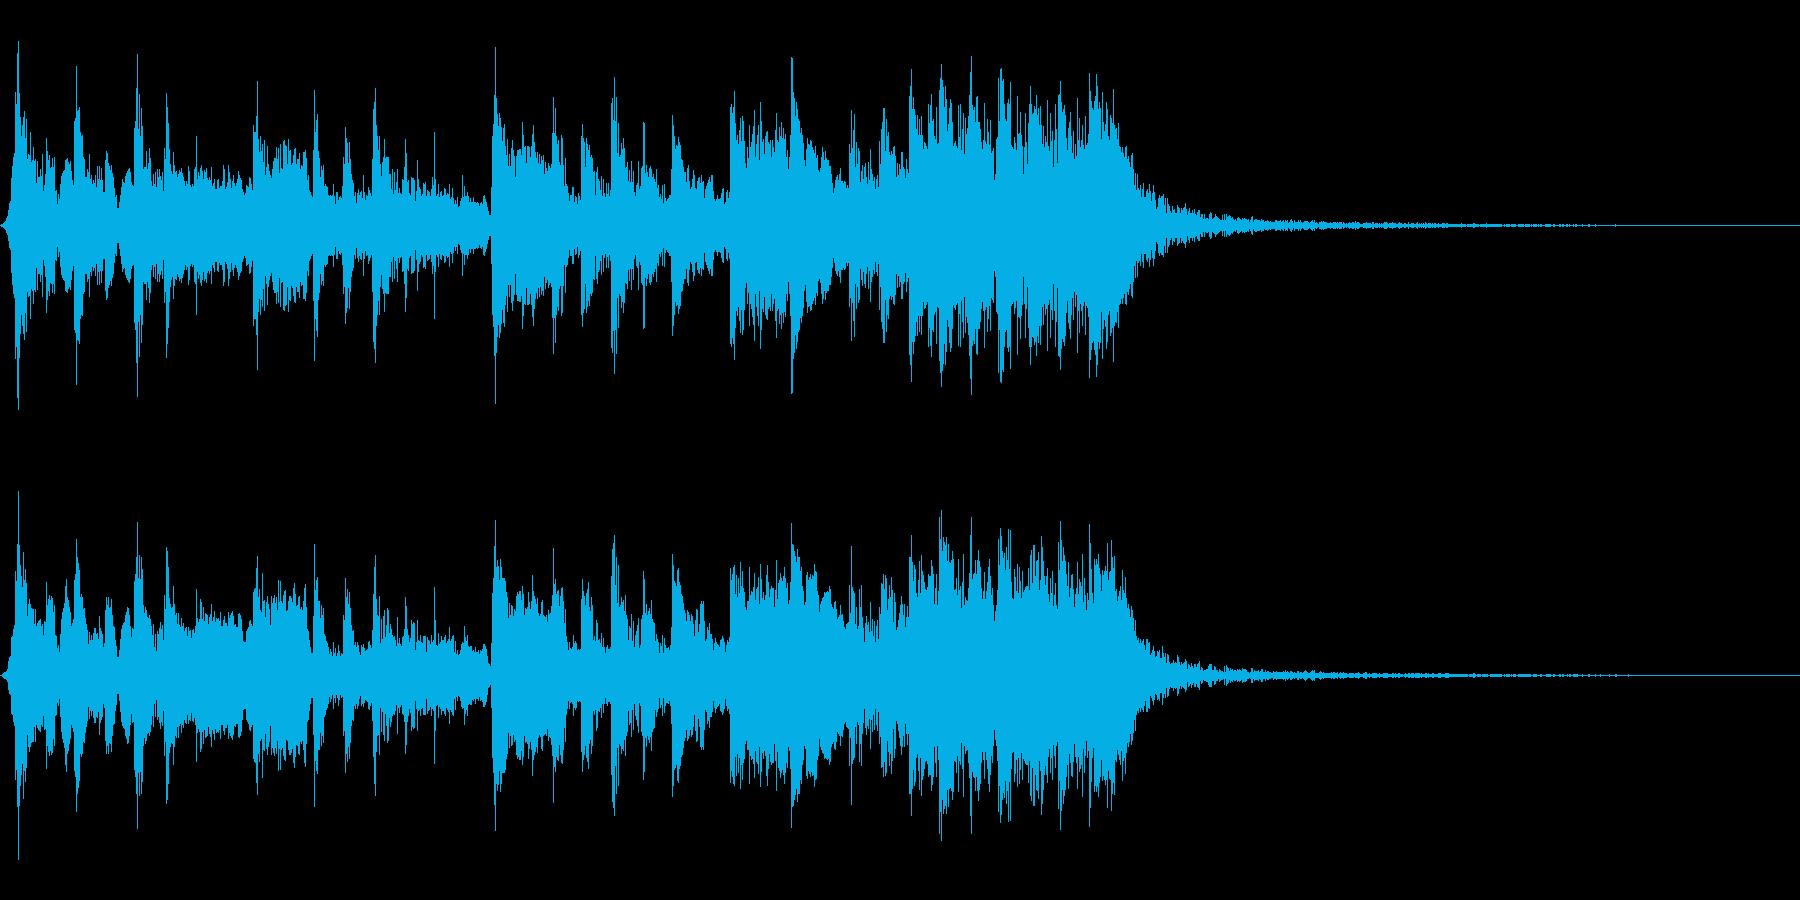 笛と和太鼓・三味線によるお祭り風メロディの再生済みの波形